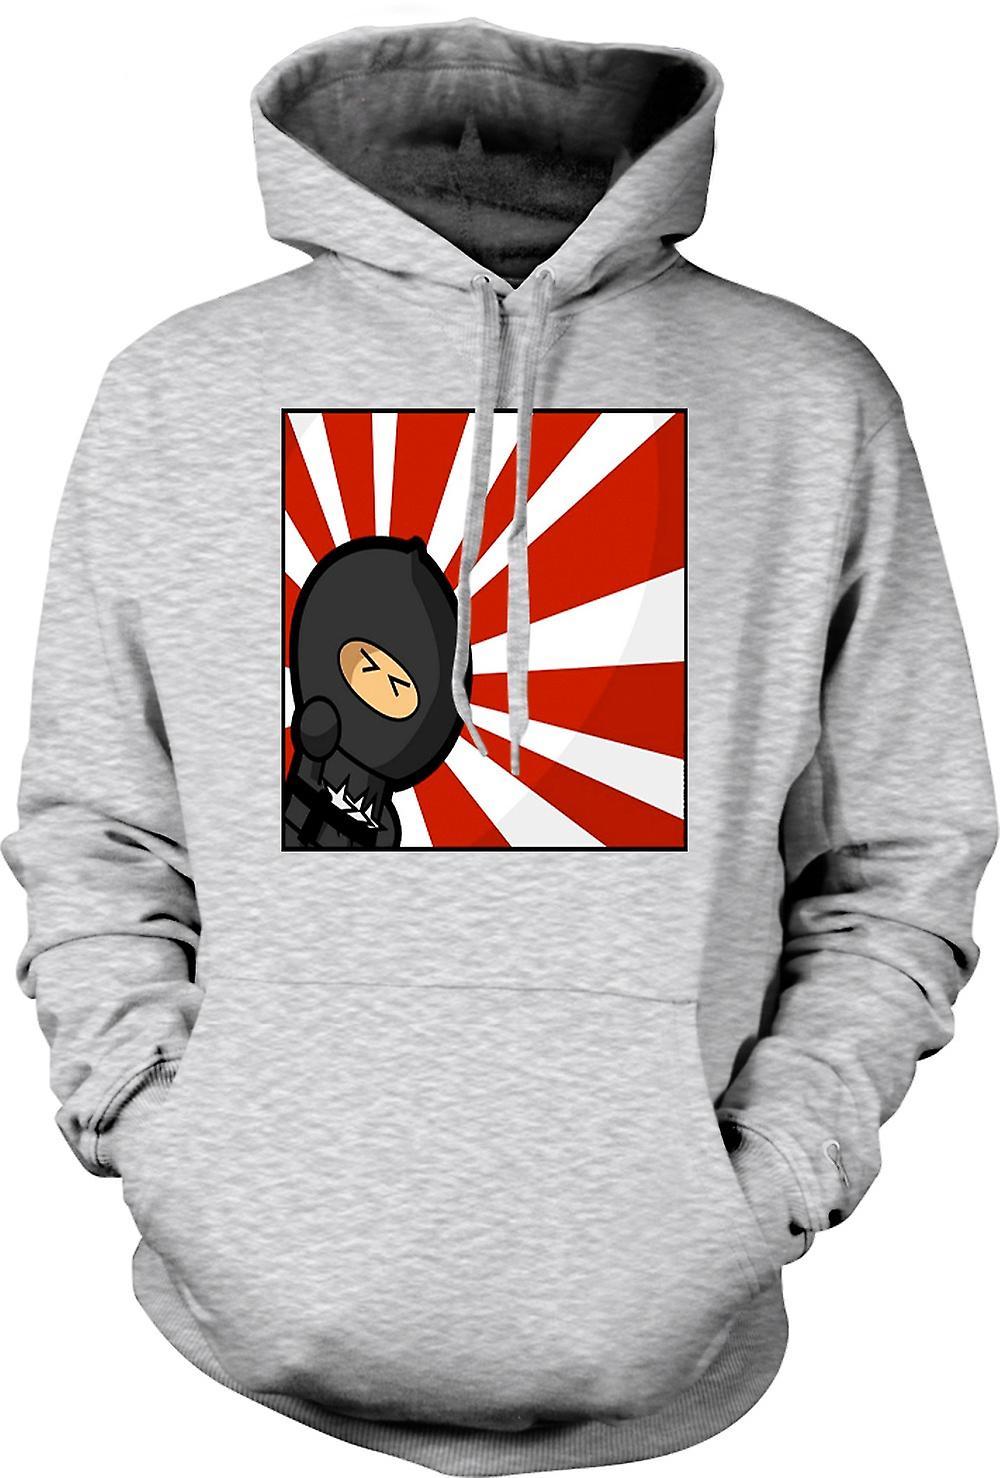 Mens Hoodie - Ninja - Pop Art - Funny